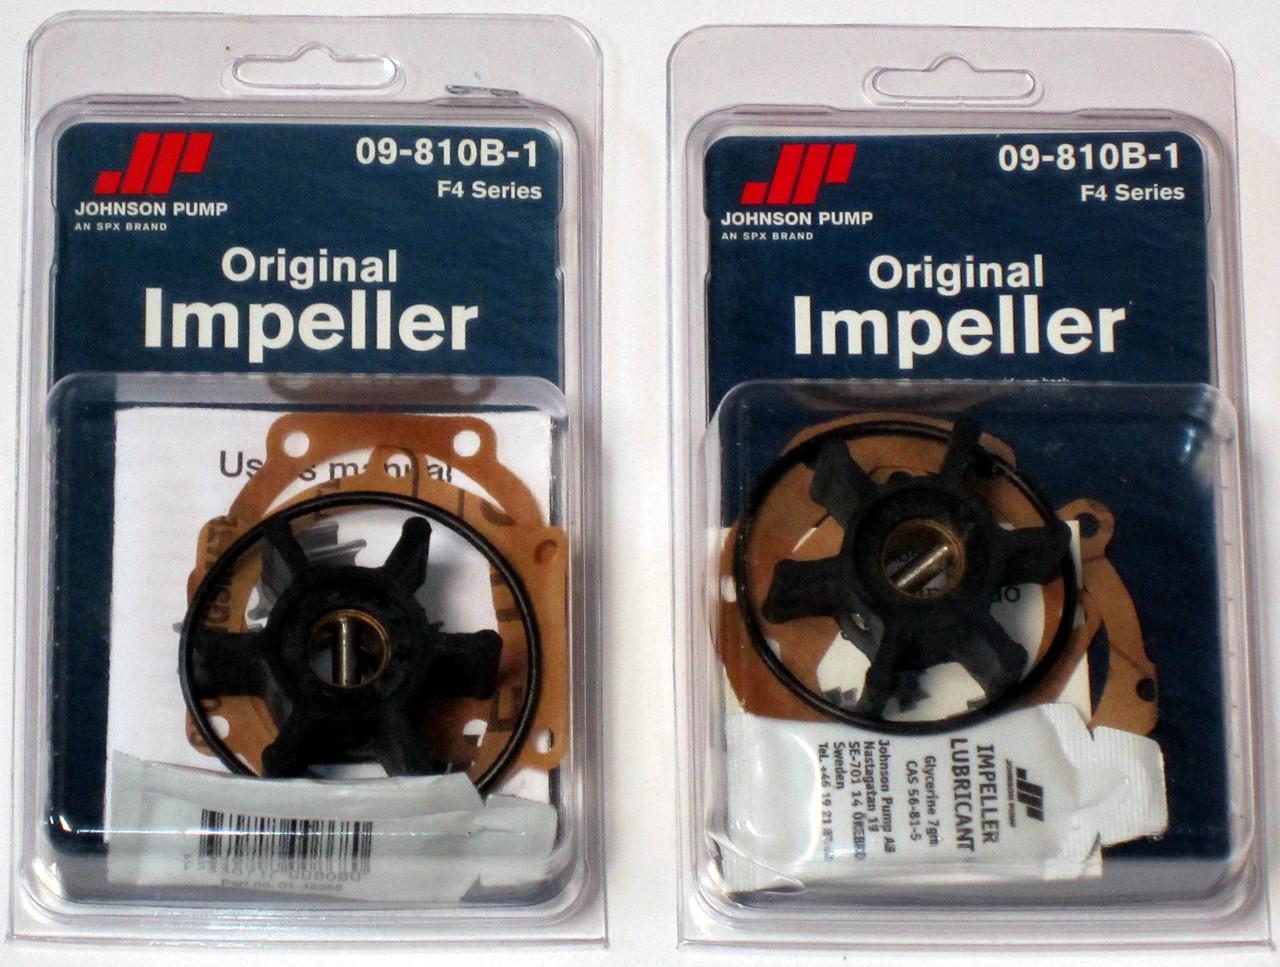 JOHNSON PUMP MODEL 09-810B-1 IMPELLER KIT